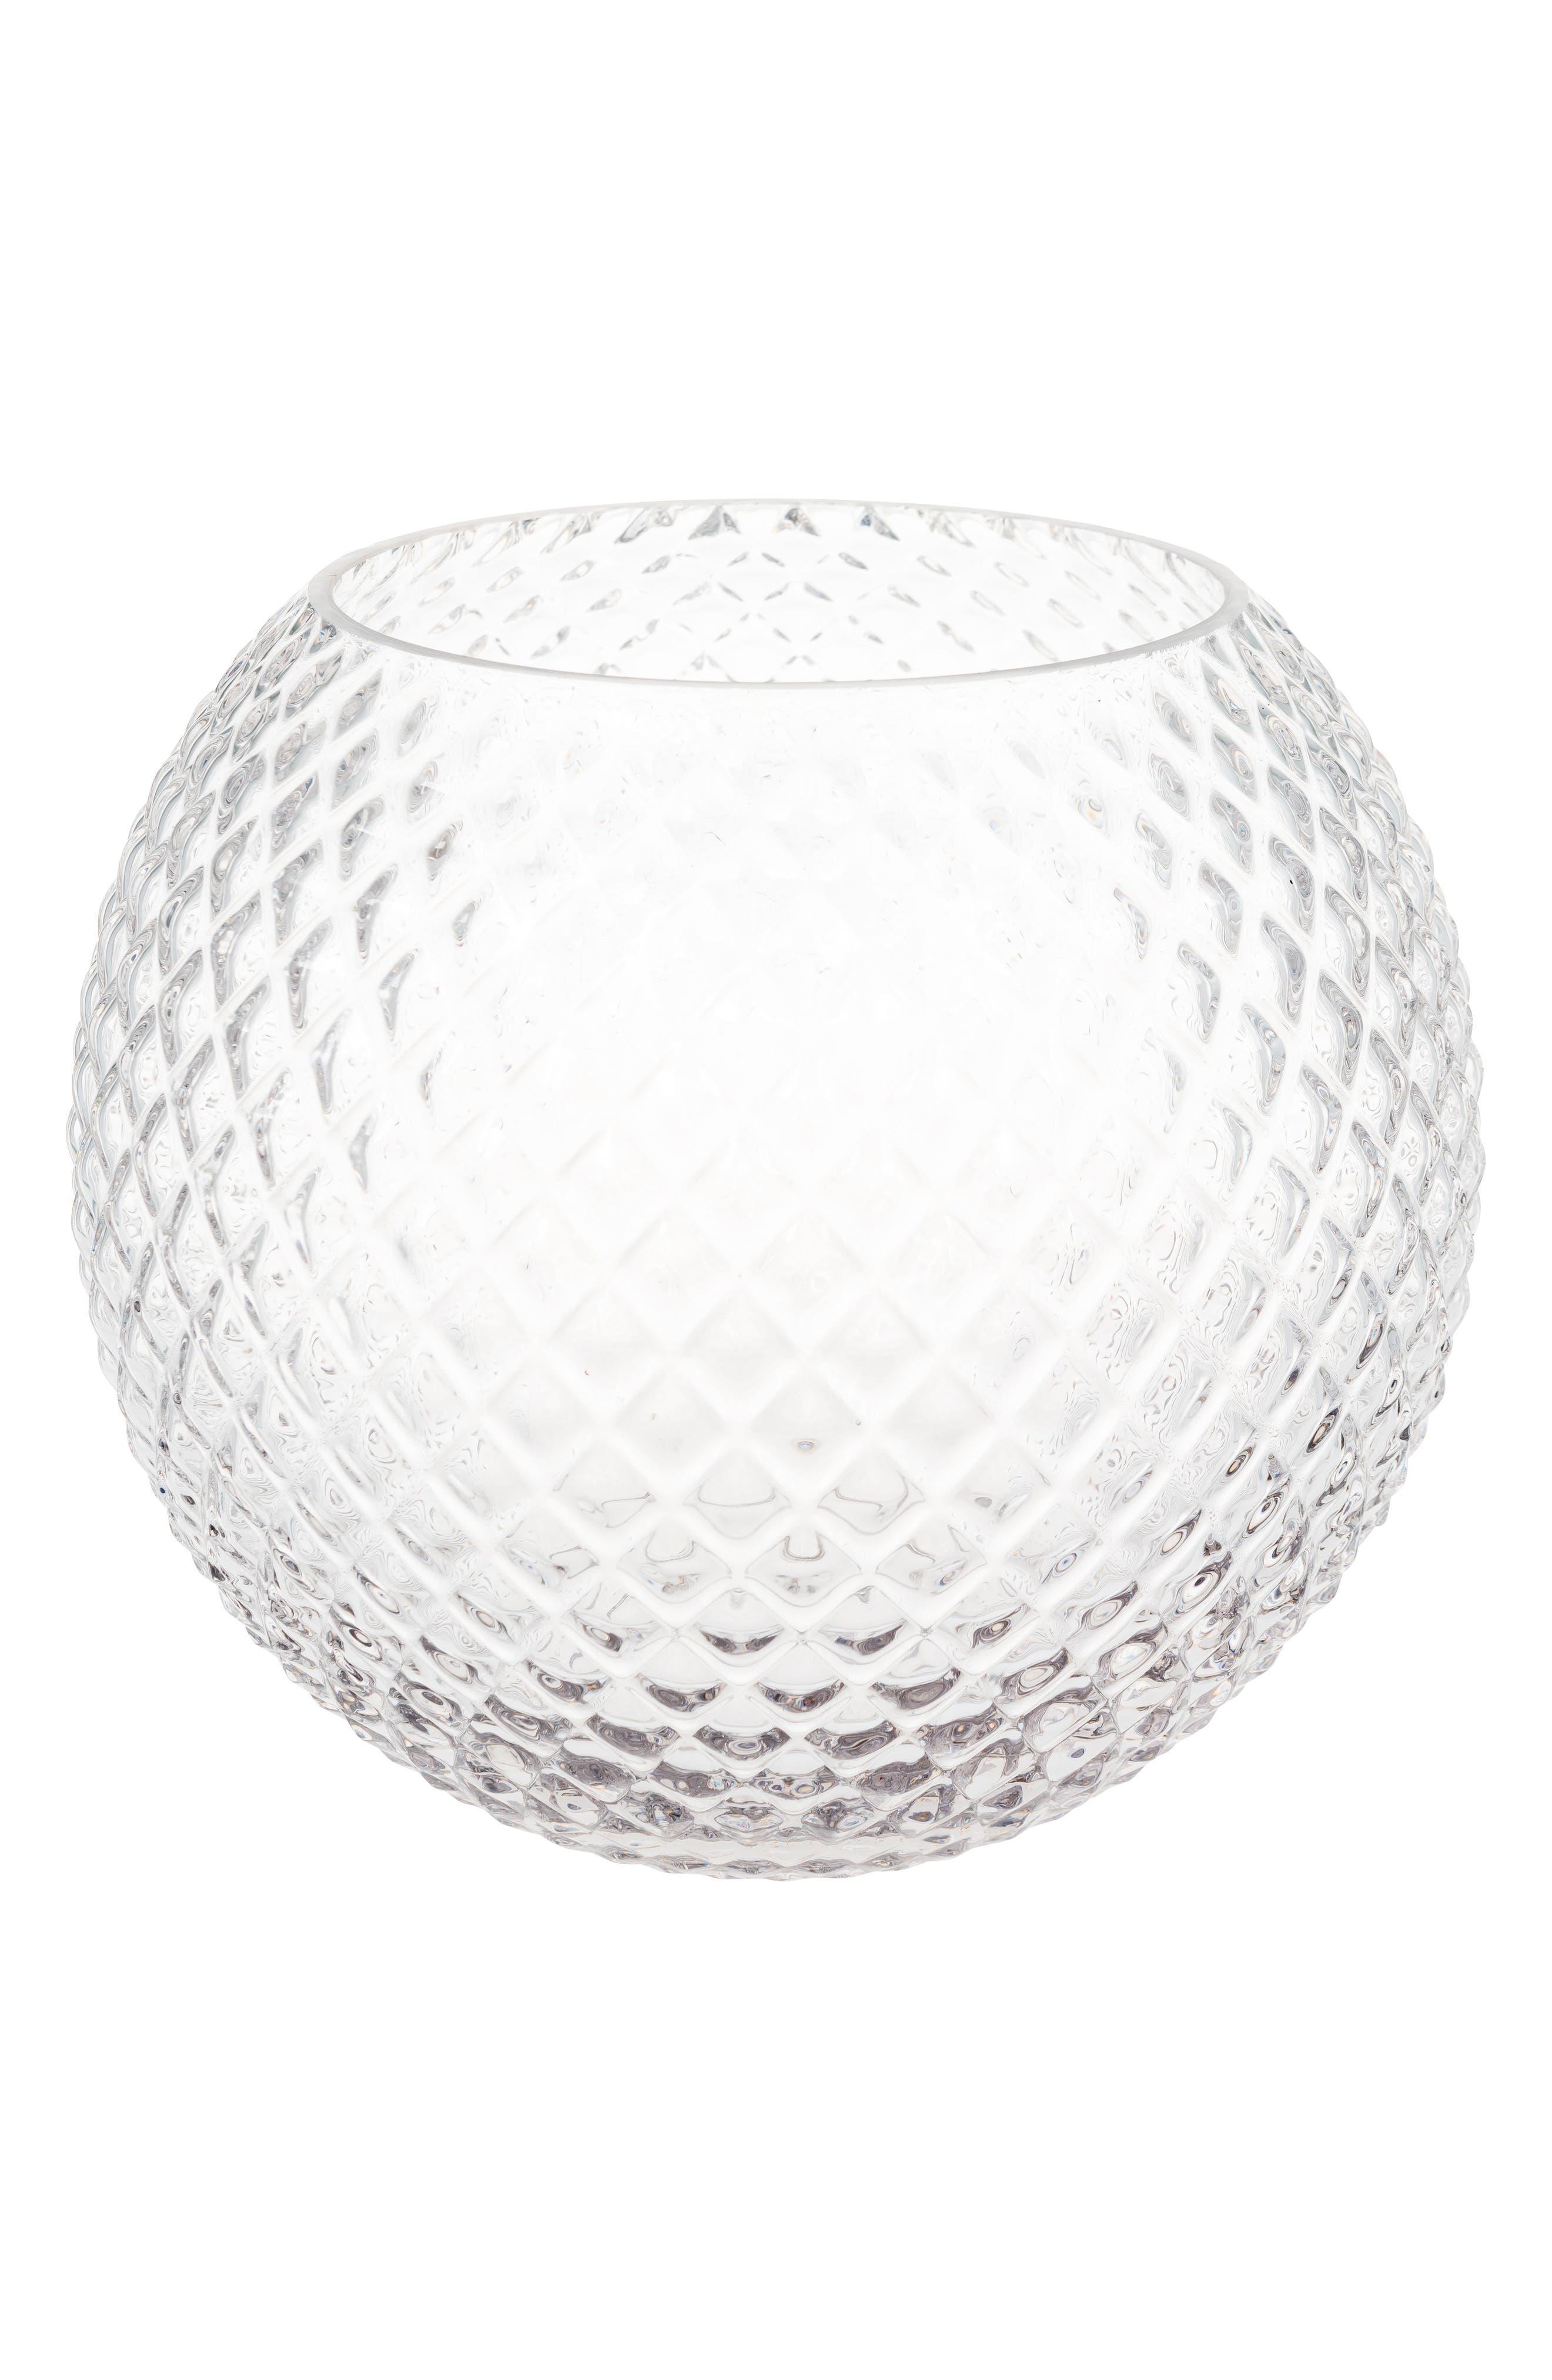 Ilse Glass Vase,                         Main,                         color, Clear